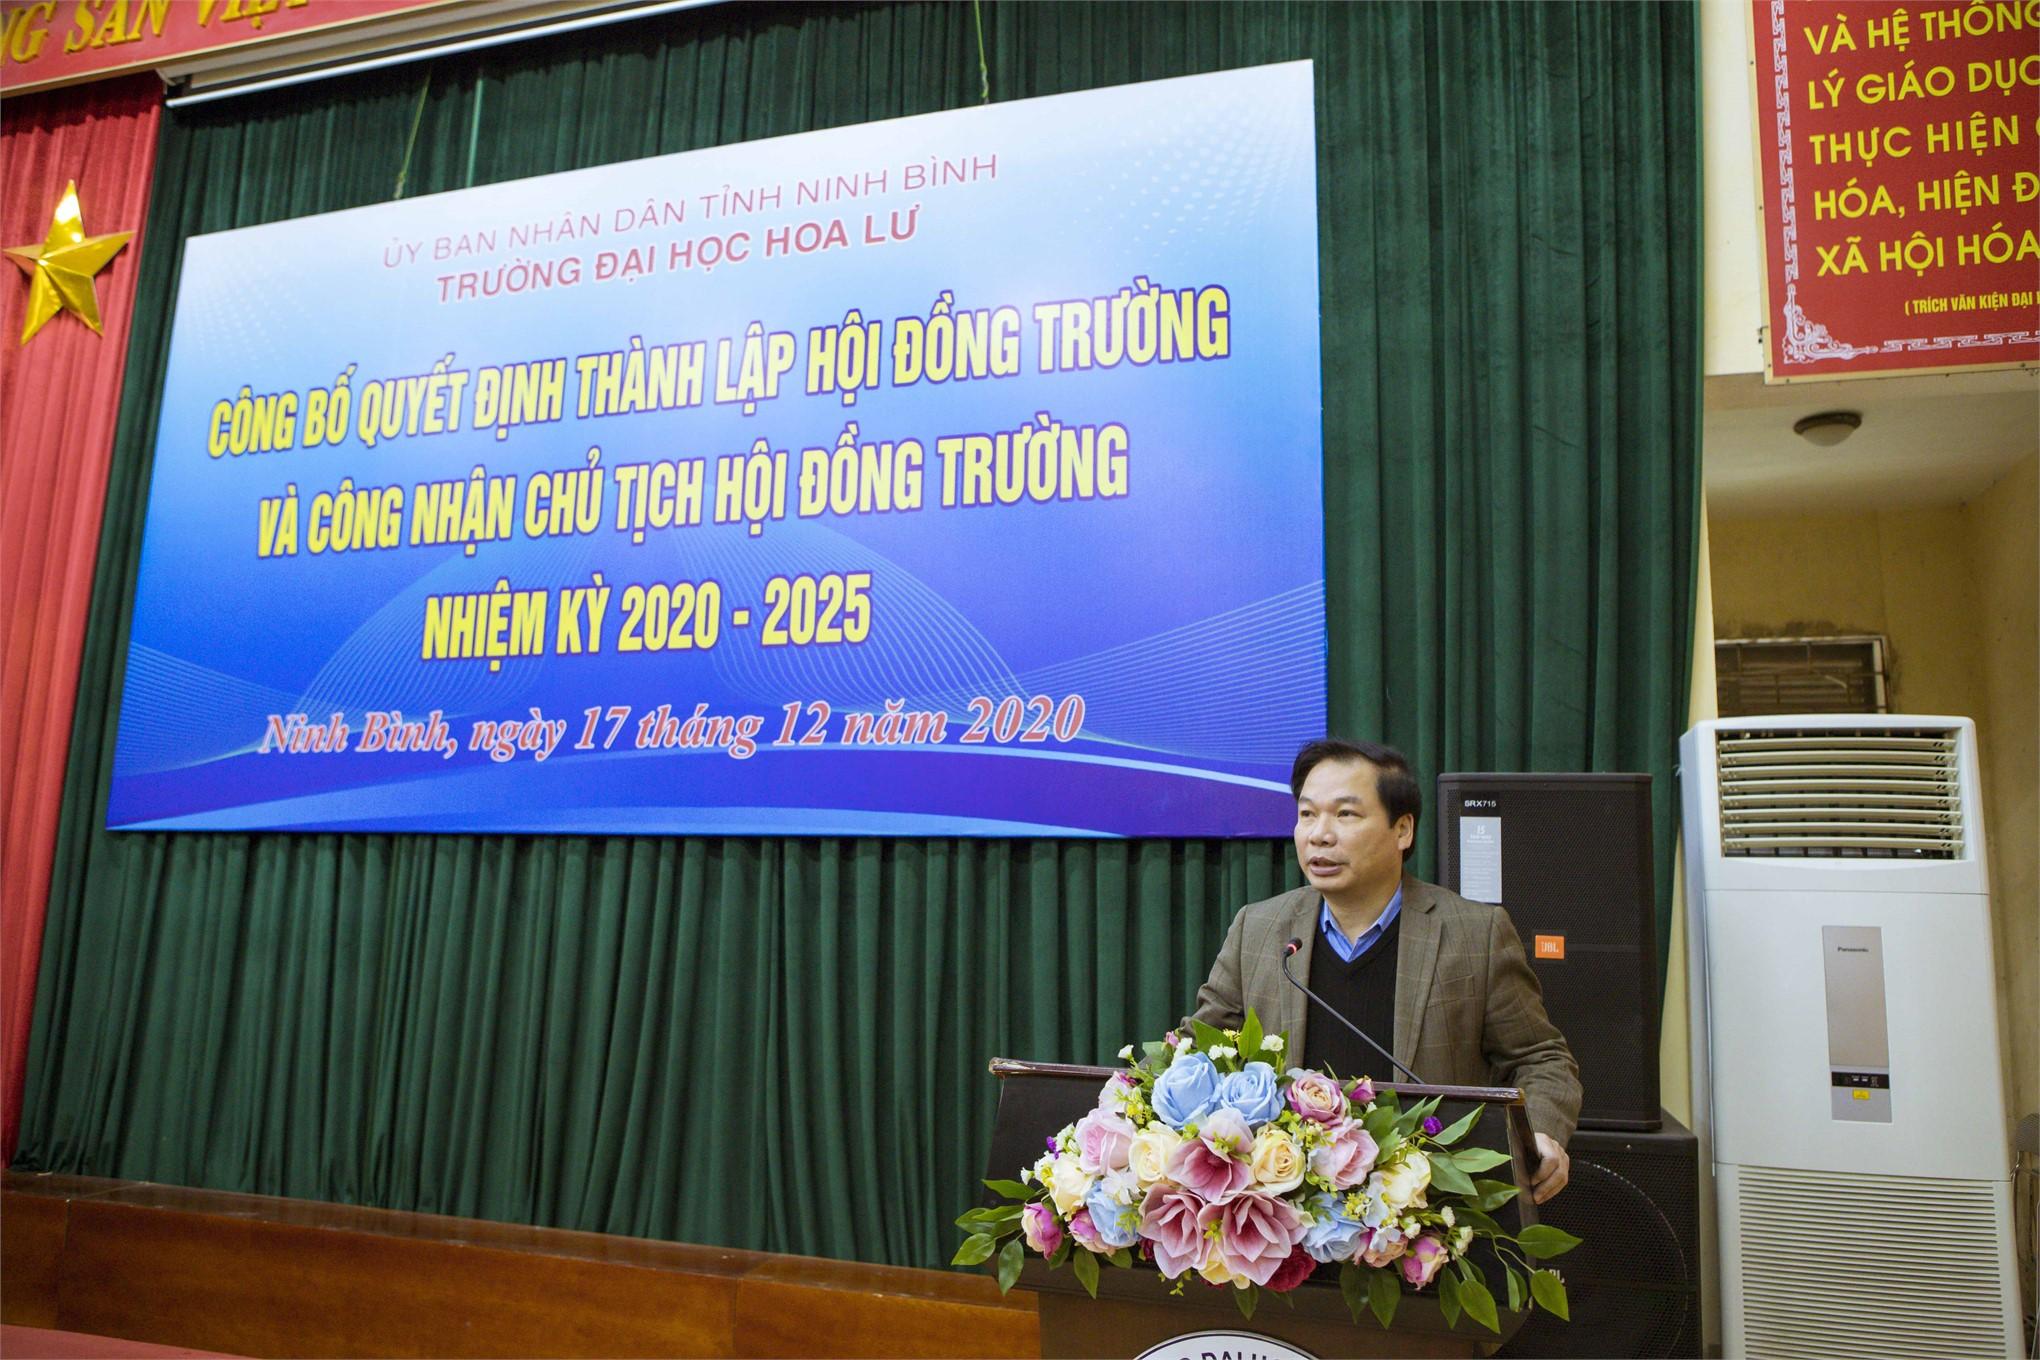 CÔNG BỐ QUYẾT ĐỊNH THÀNH LẬP HỘI ĐỒNG TRƯỜNG VÀ CÔNG NHẬN CHỦ TỊCH HỘI ĐỒNG TRƯỜNG NHIỆM KỲ 2020 - 2025